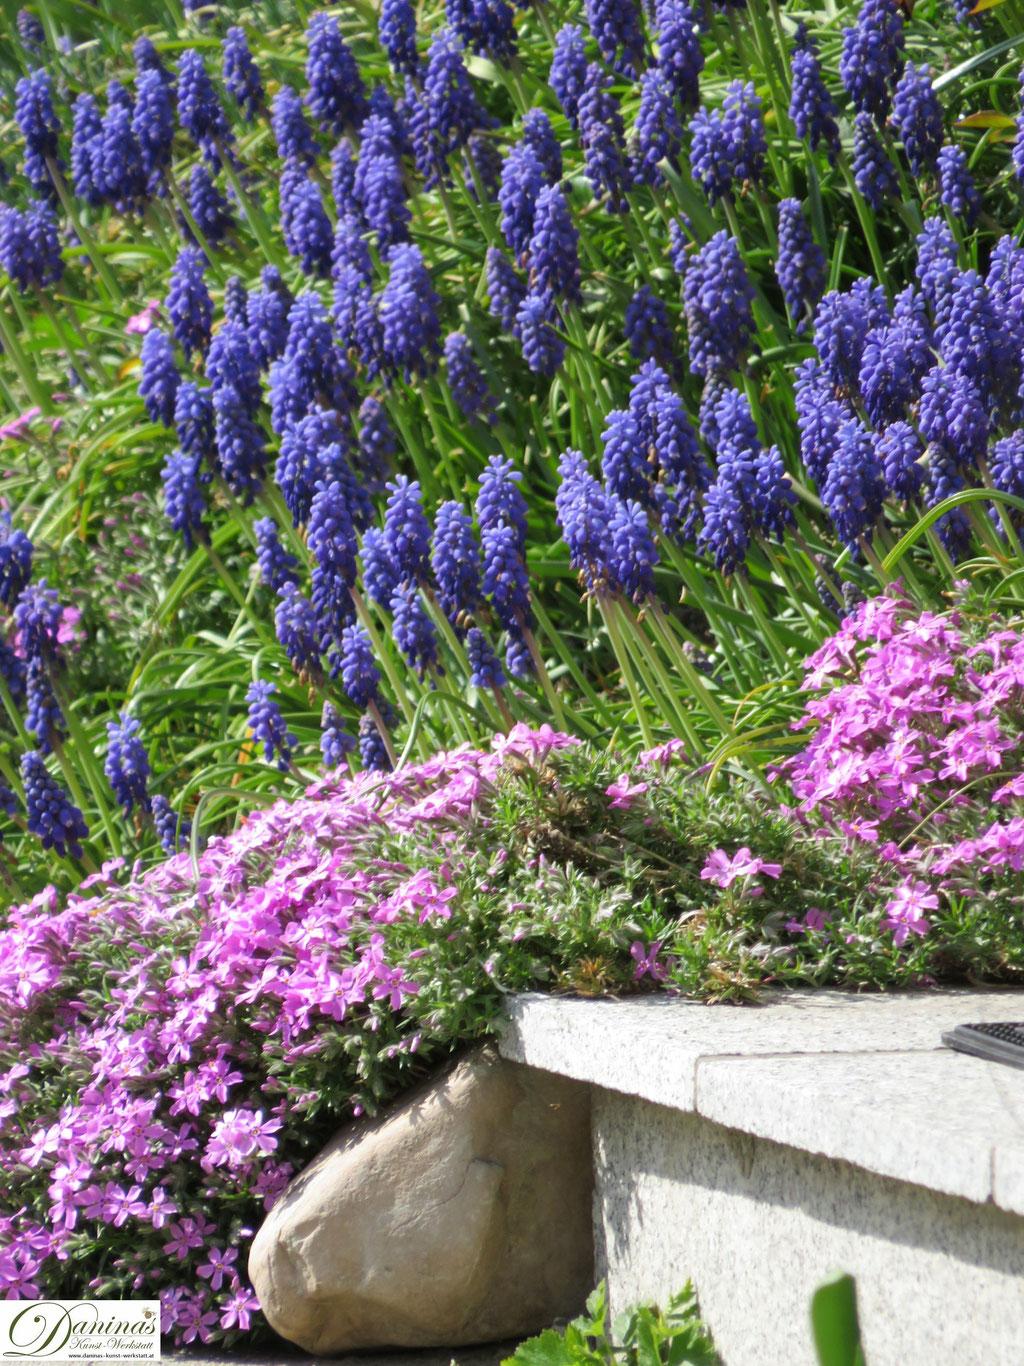 Garten im Frühling - Frühlingsblumen im Beet. Traubenhyazinthen & Polsterflox